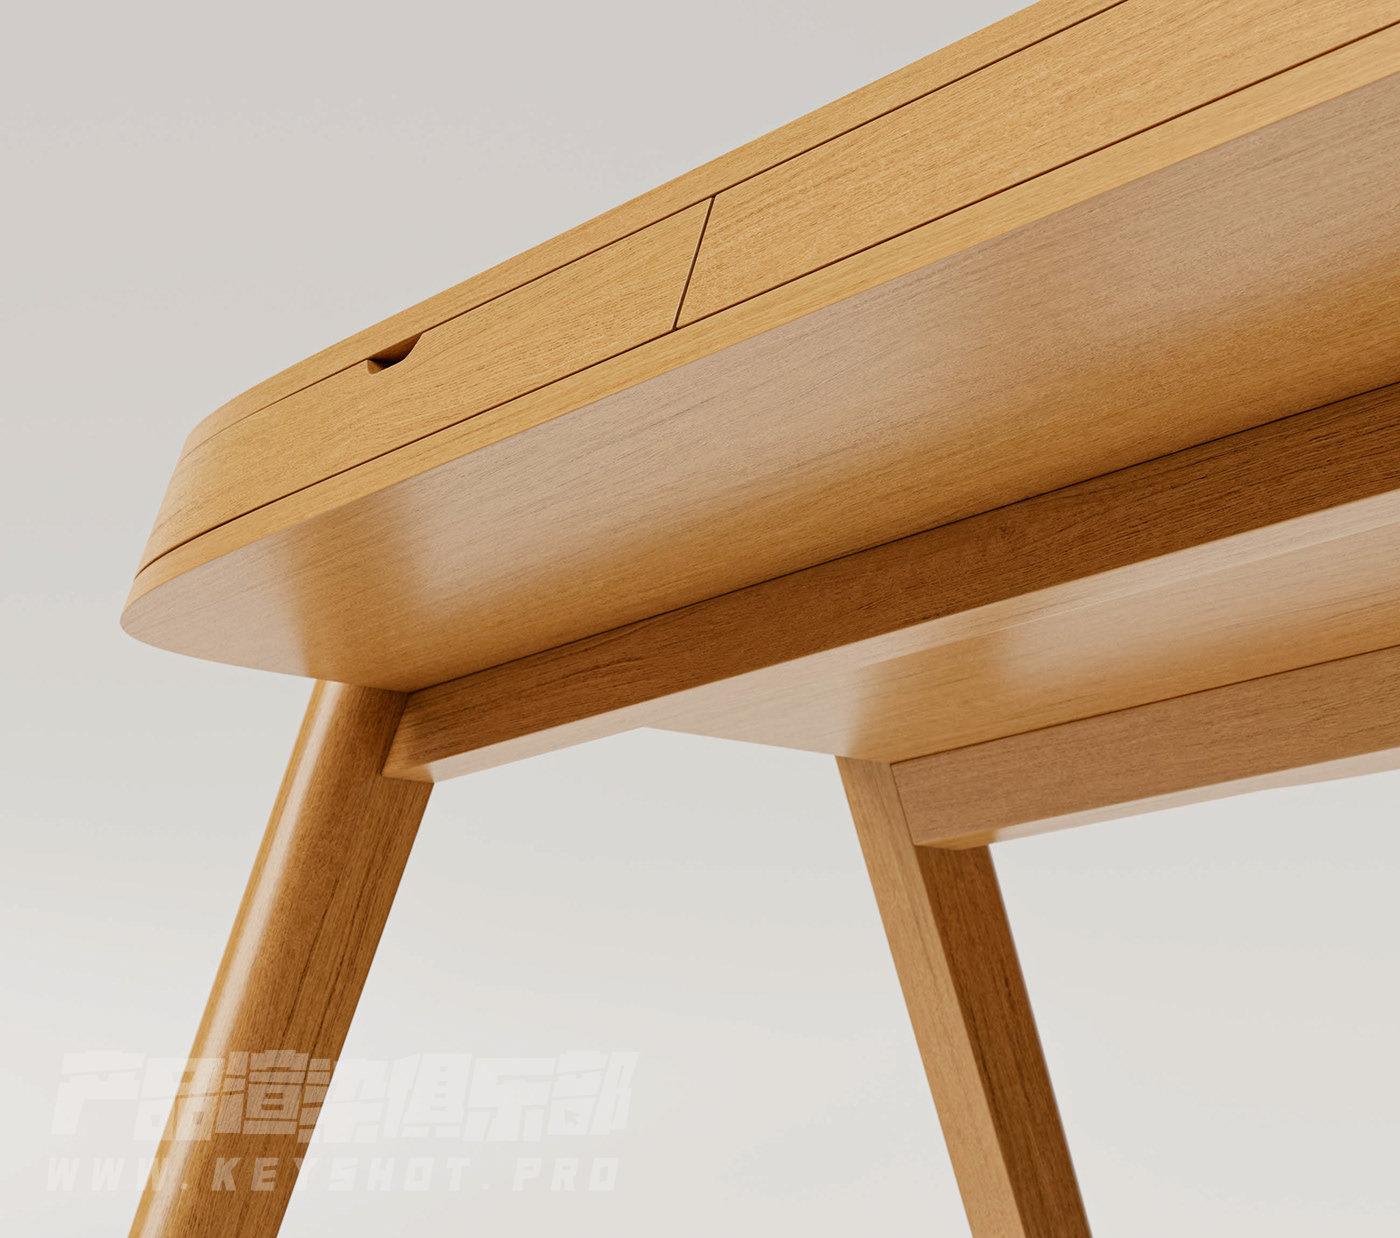 第5期:《实木桌》两周一练全新挑战